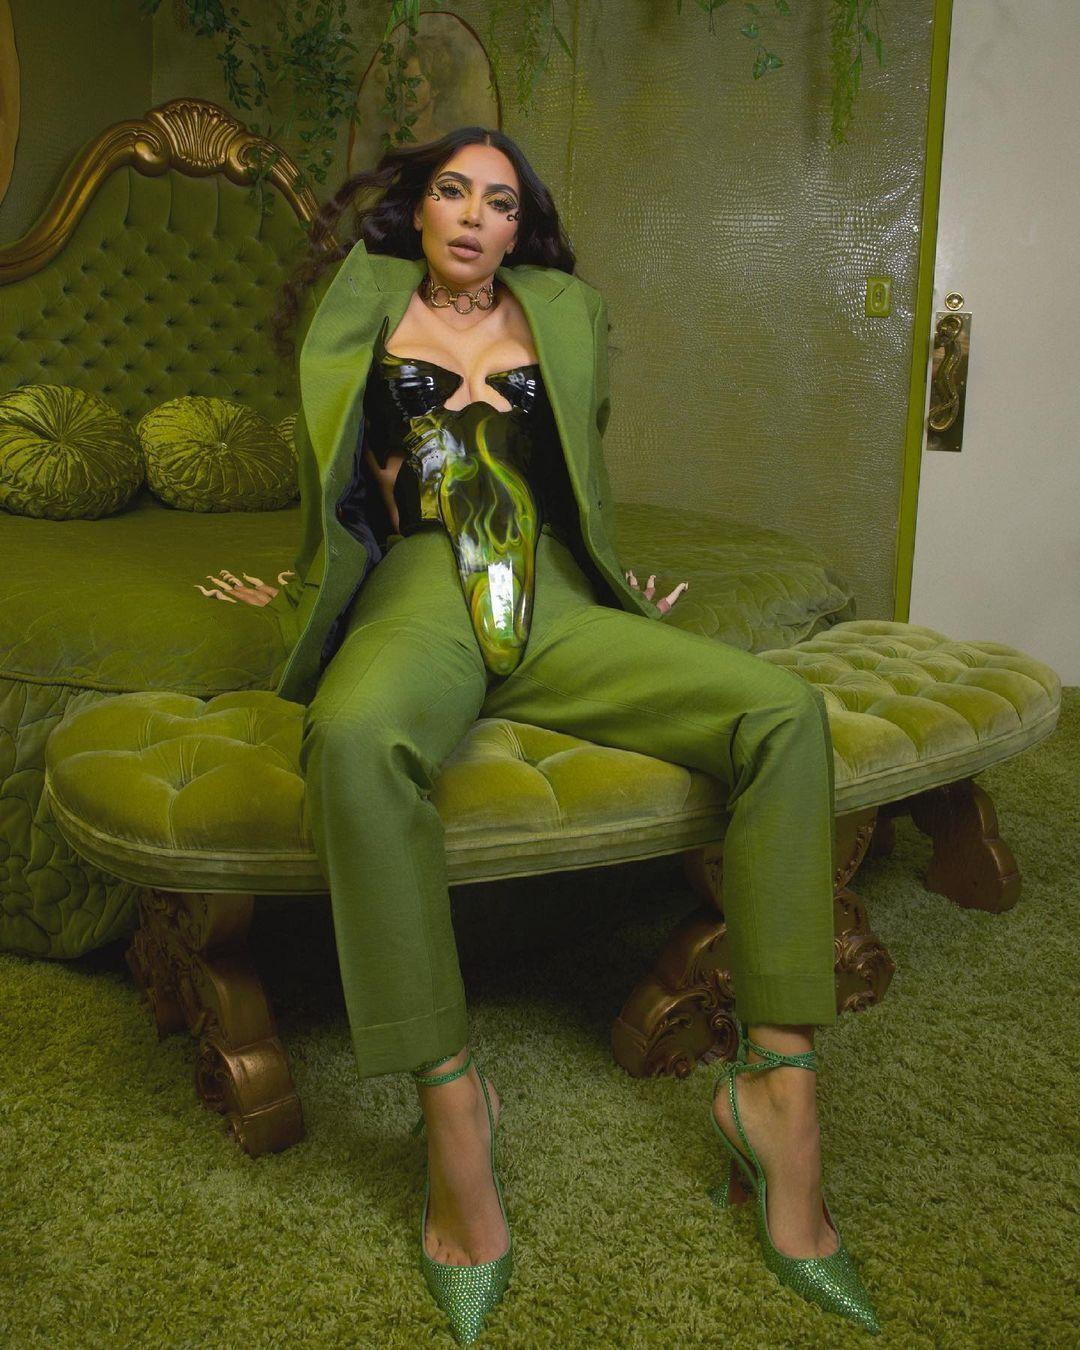 Ким Кардашьян позирует в необычном образе